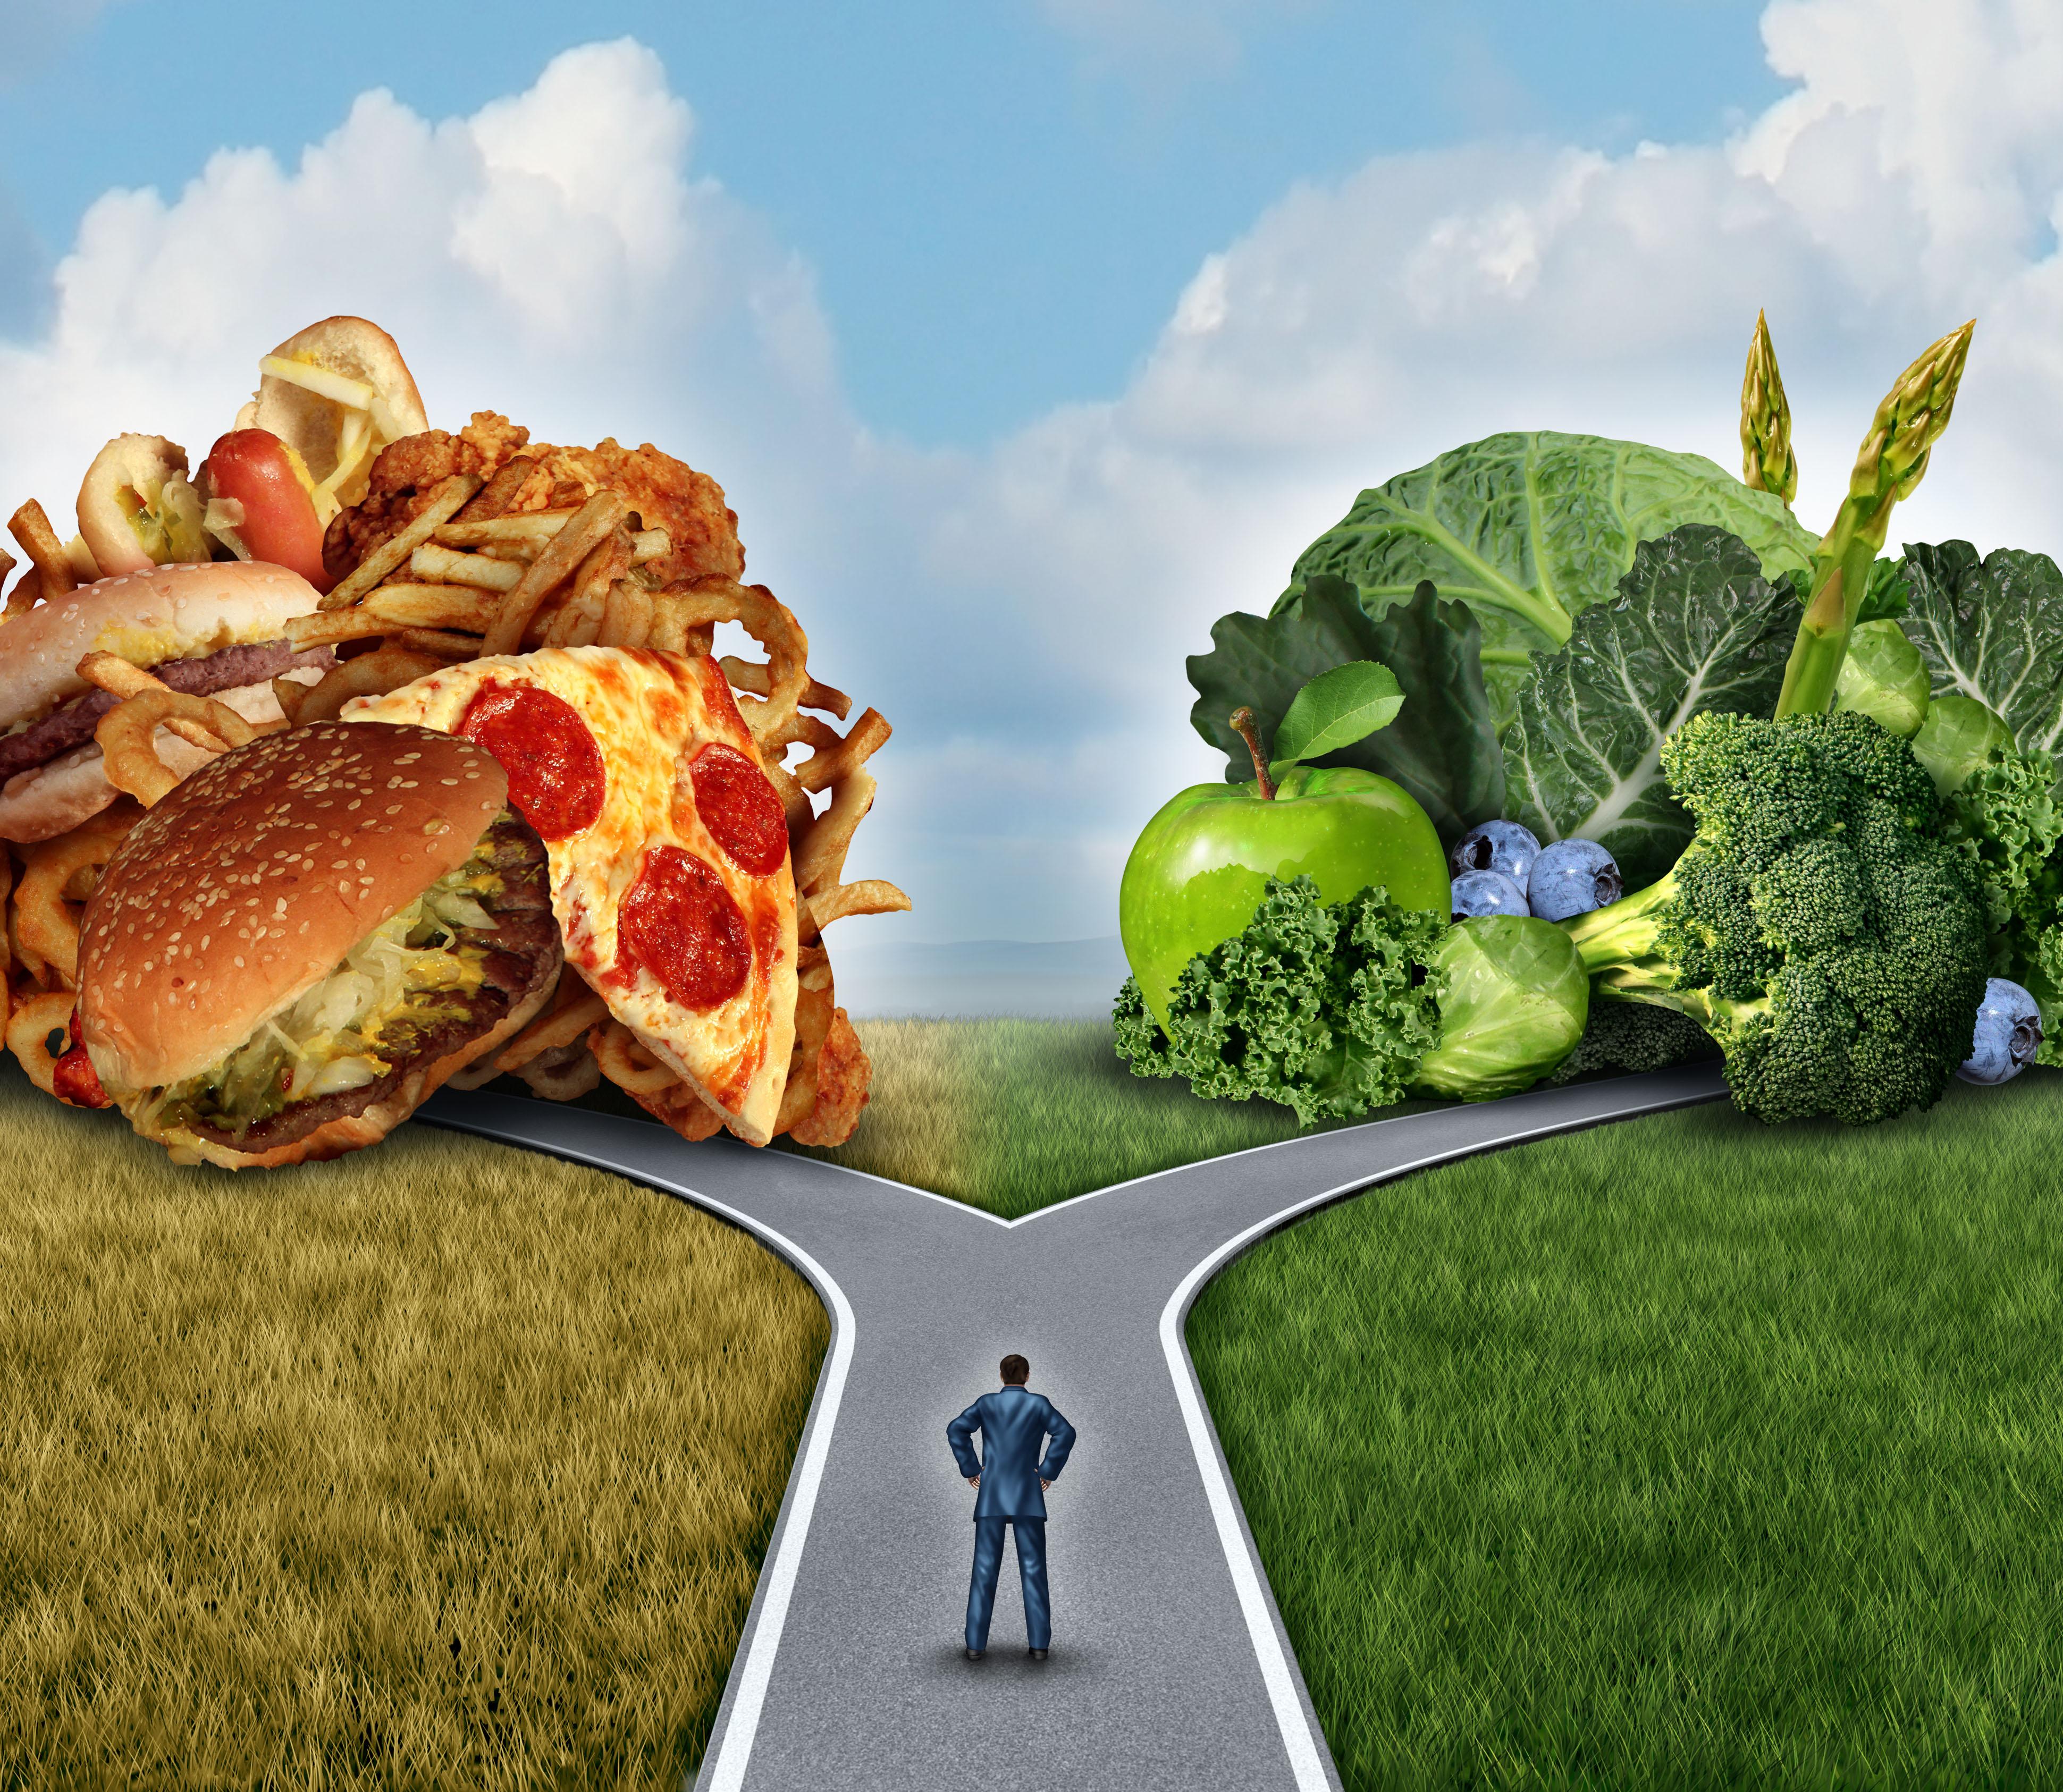 Uma alimentação saudável é a base para o desenvolvimento de um corpo capaz de resistir às doenças e ao estresse. / GB Imagem